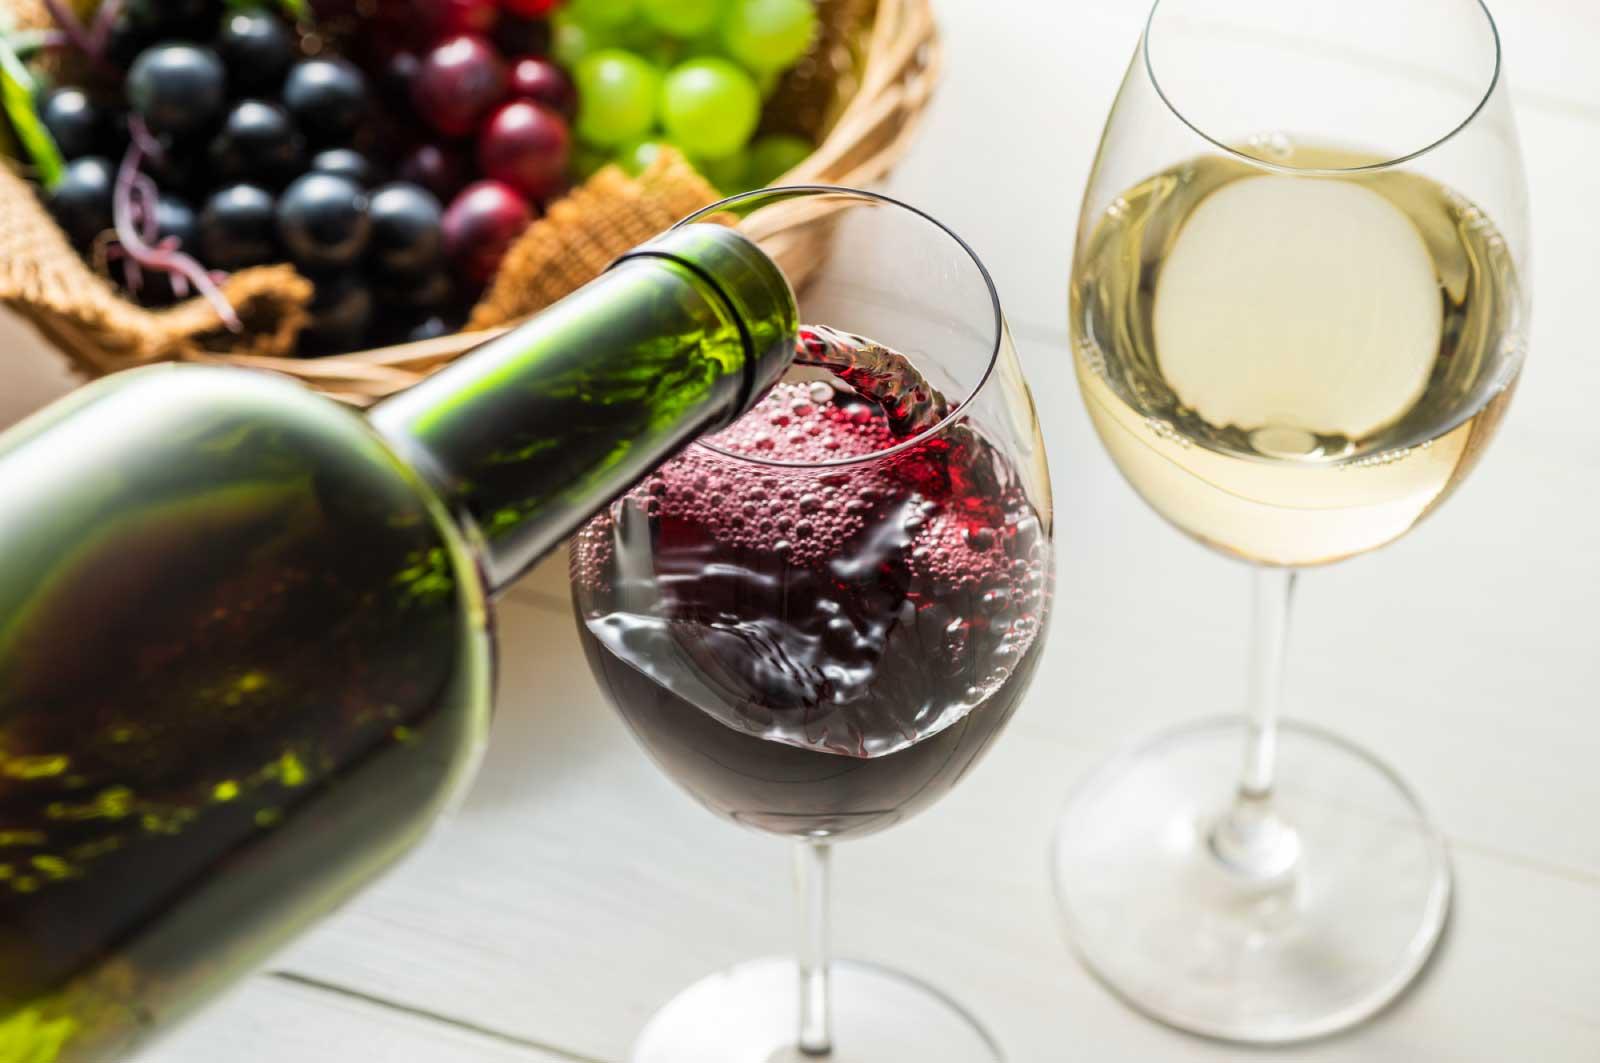 ワインやシードルといった果実酒